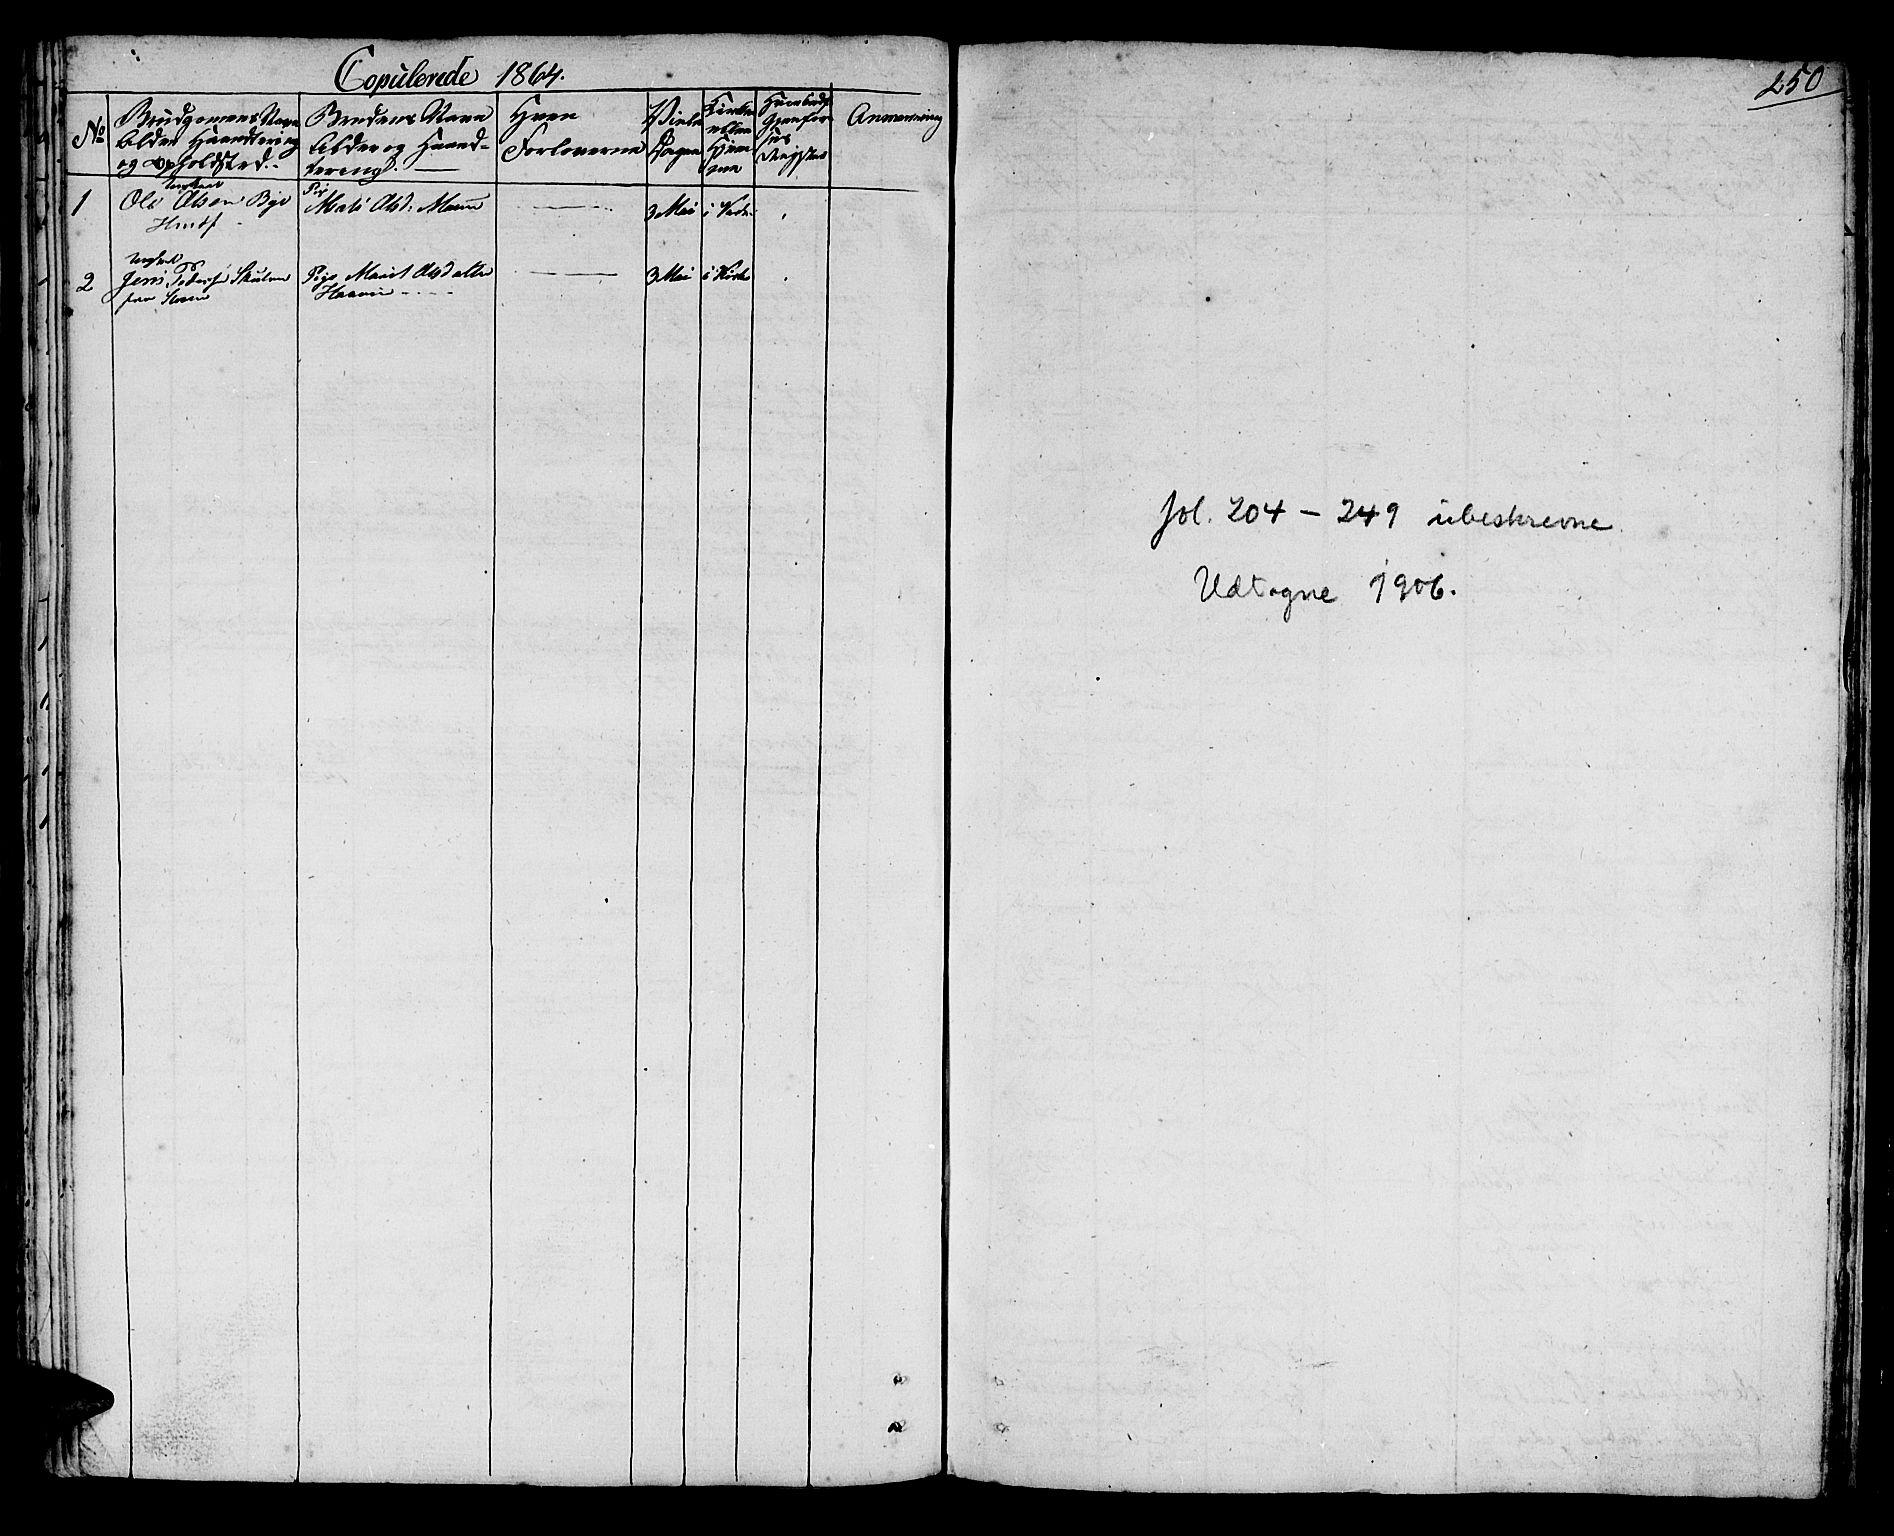 SAT, Ministerialprotokoller, klokkerbøker og fødselsregistre - Sør-Trøndelag, 692/L1108: Klokkerbok nr. 692C03, 1816-1833, s. 250